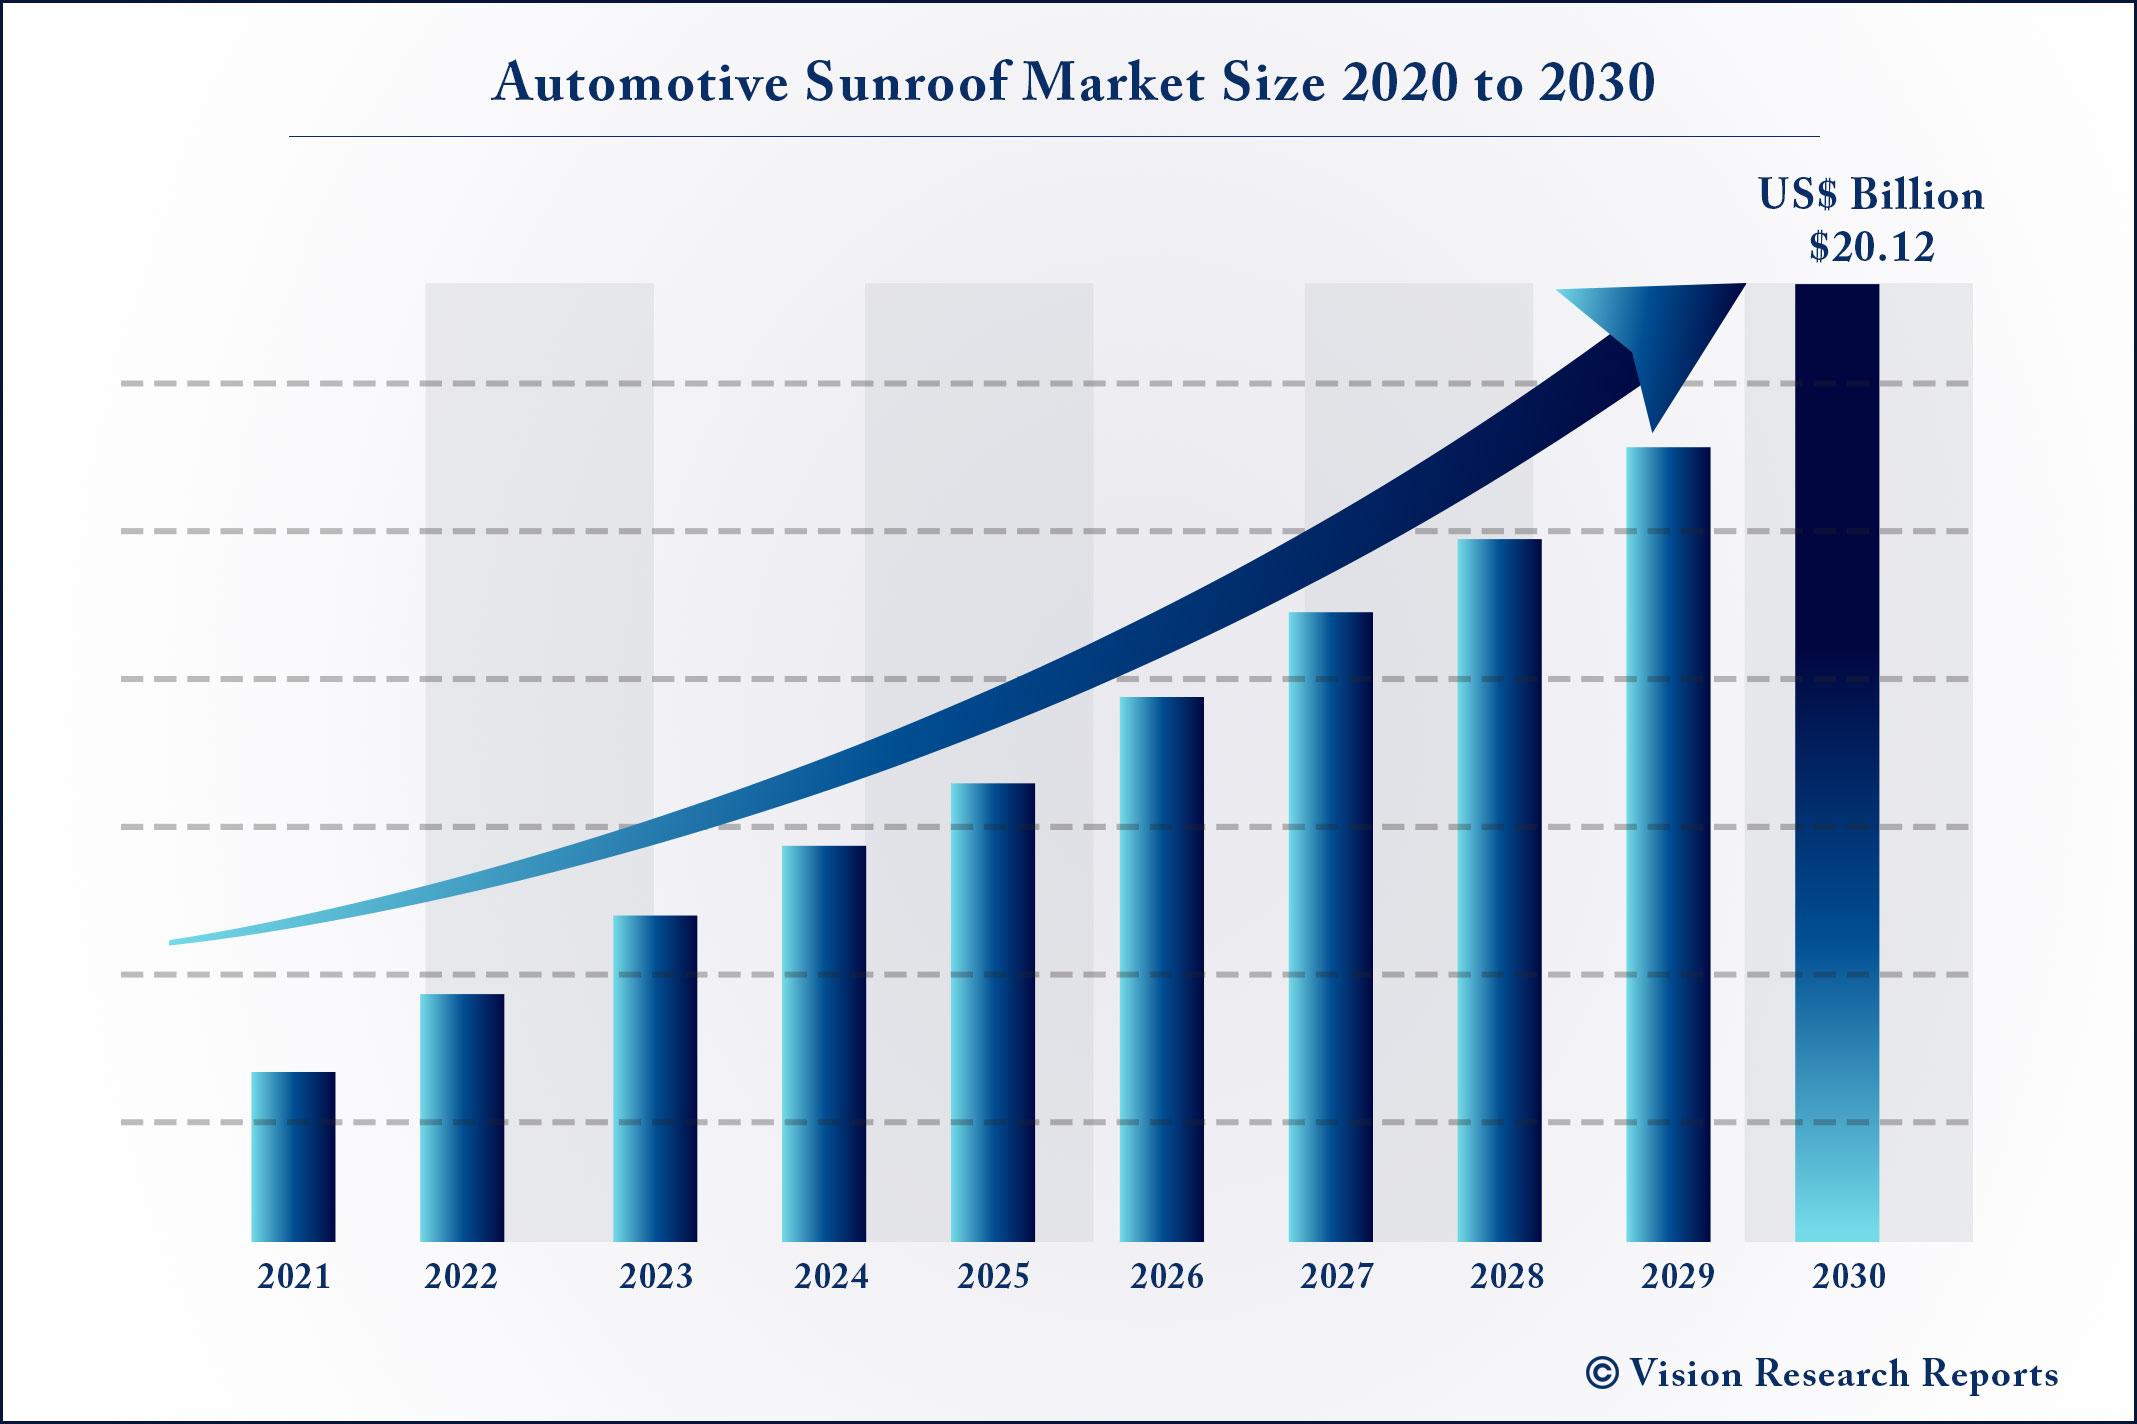 Automotive Sunroof Market Size 2020 to 2030